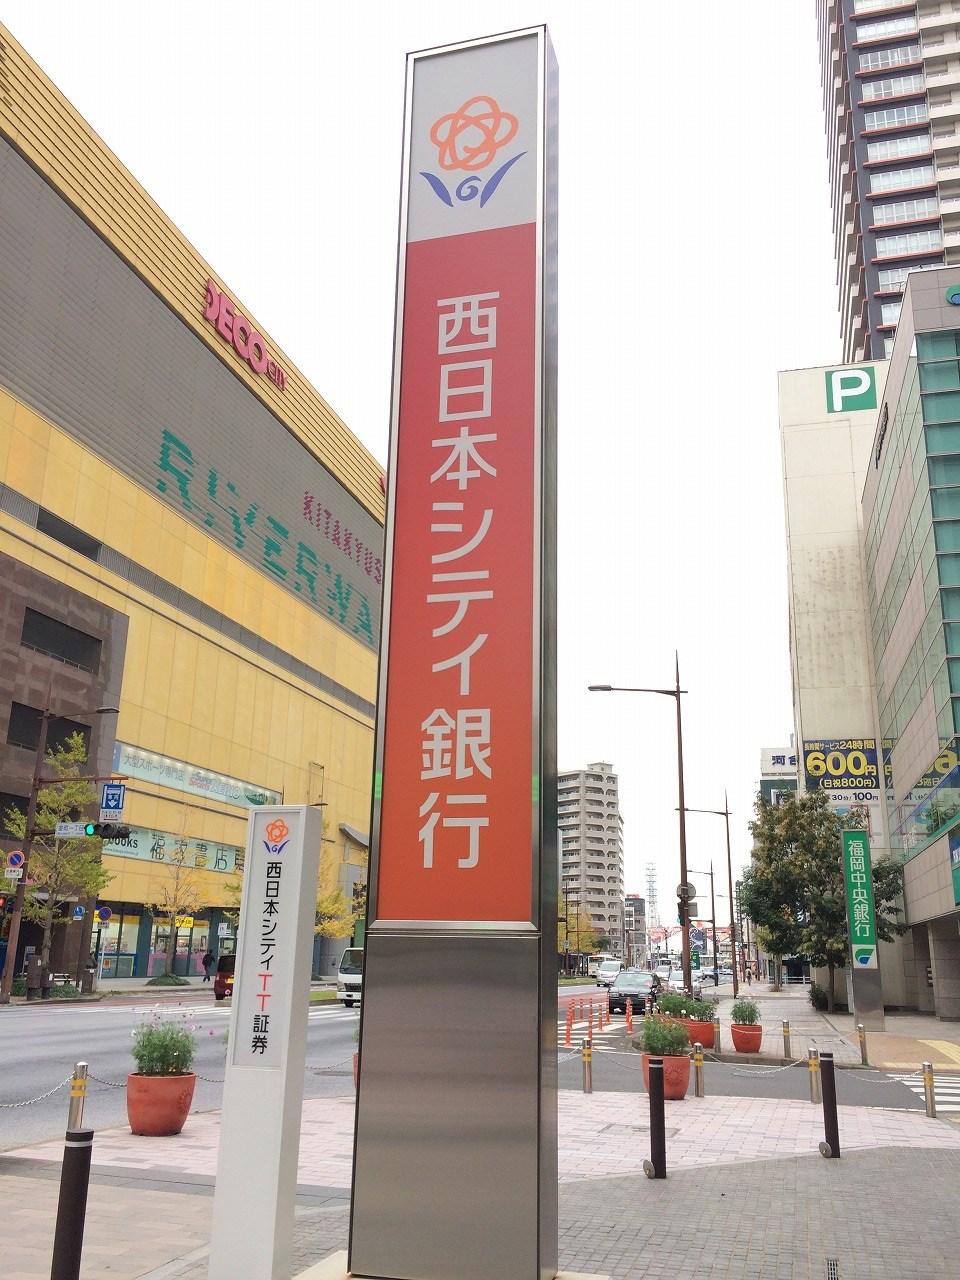 銀行:西日本シティ銀行 スーパー川食 志井店 701m